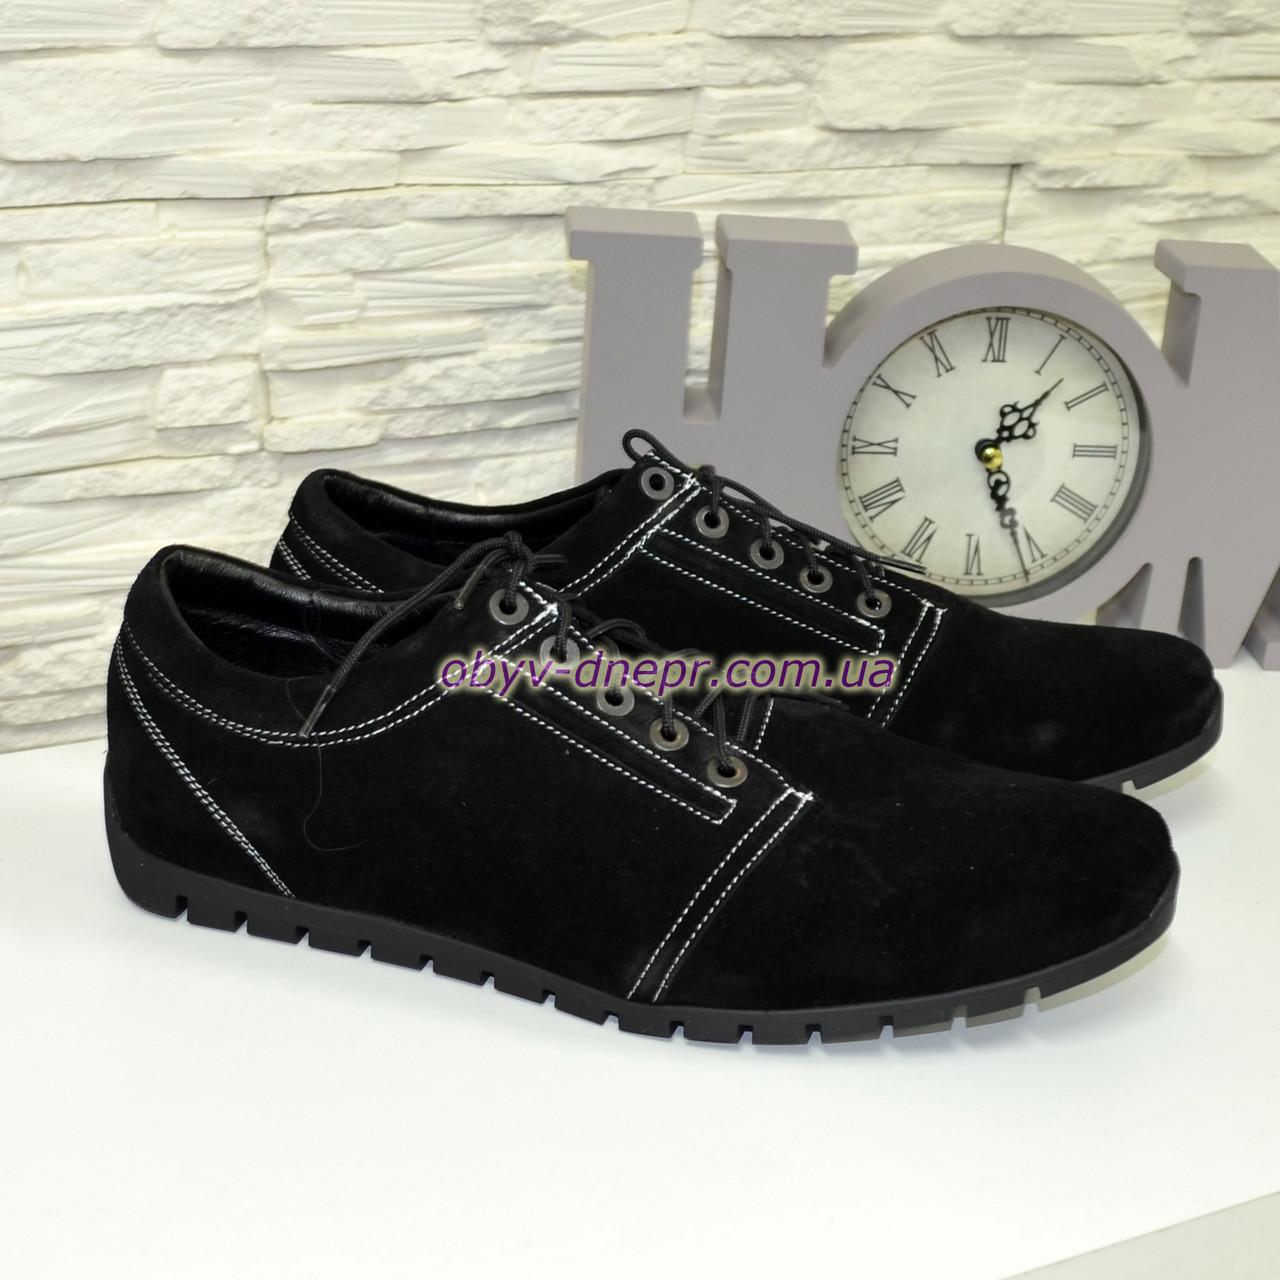 Кроссовки мужские замшевые на шнуровке